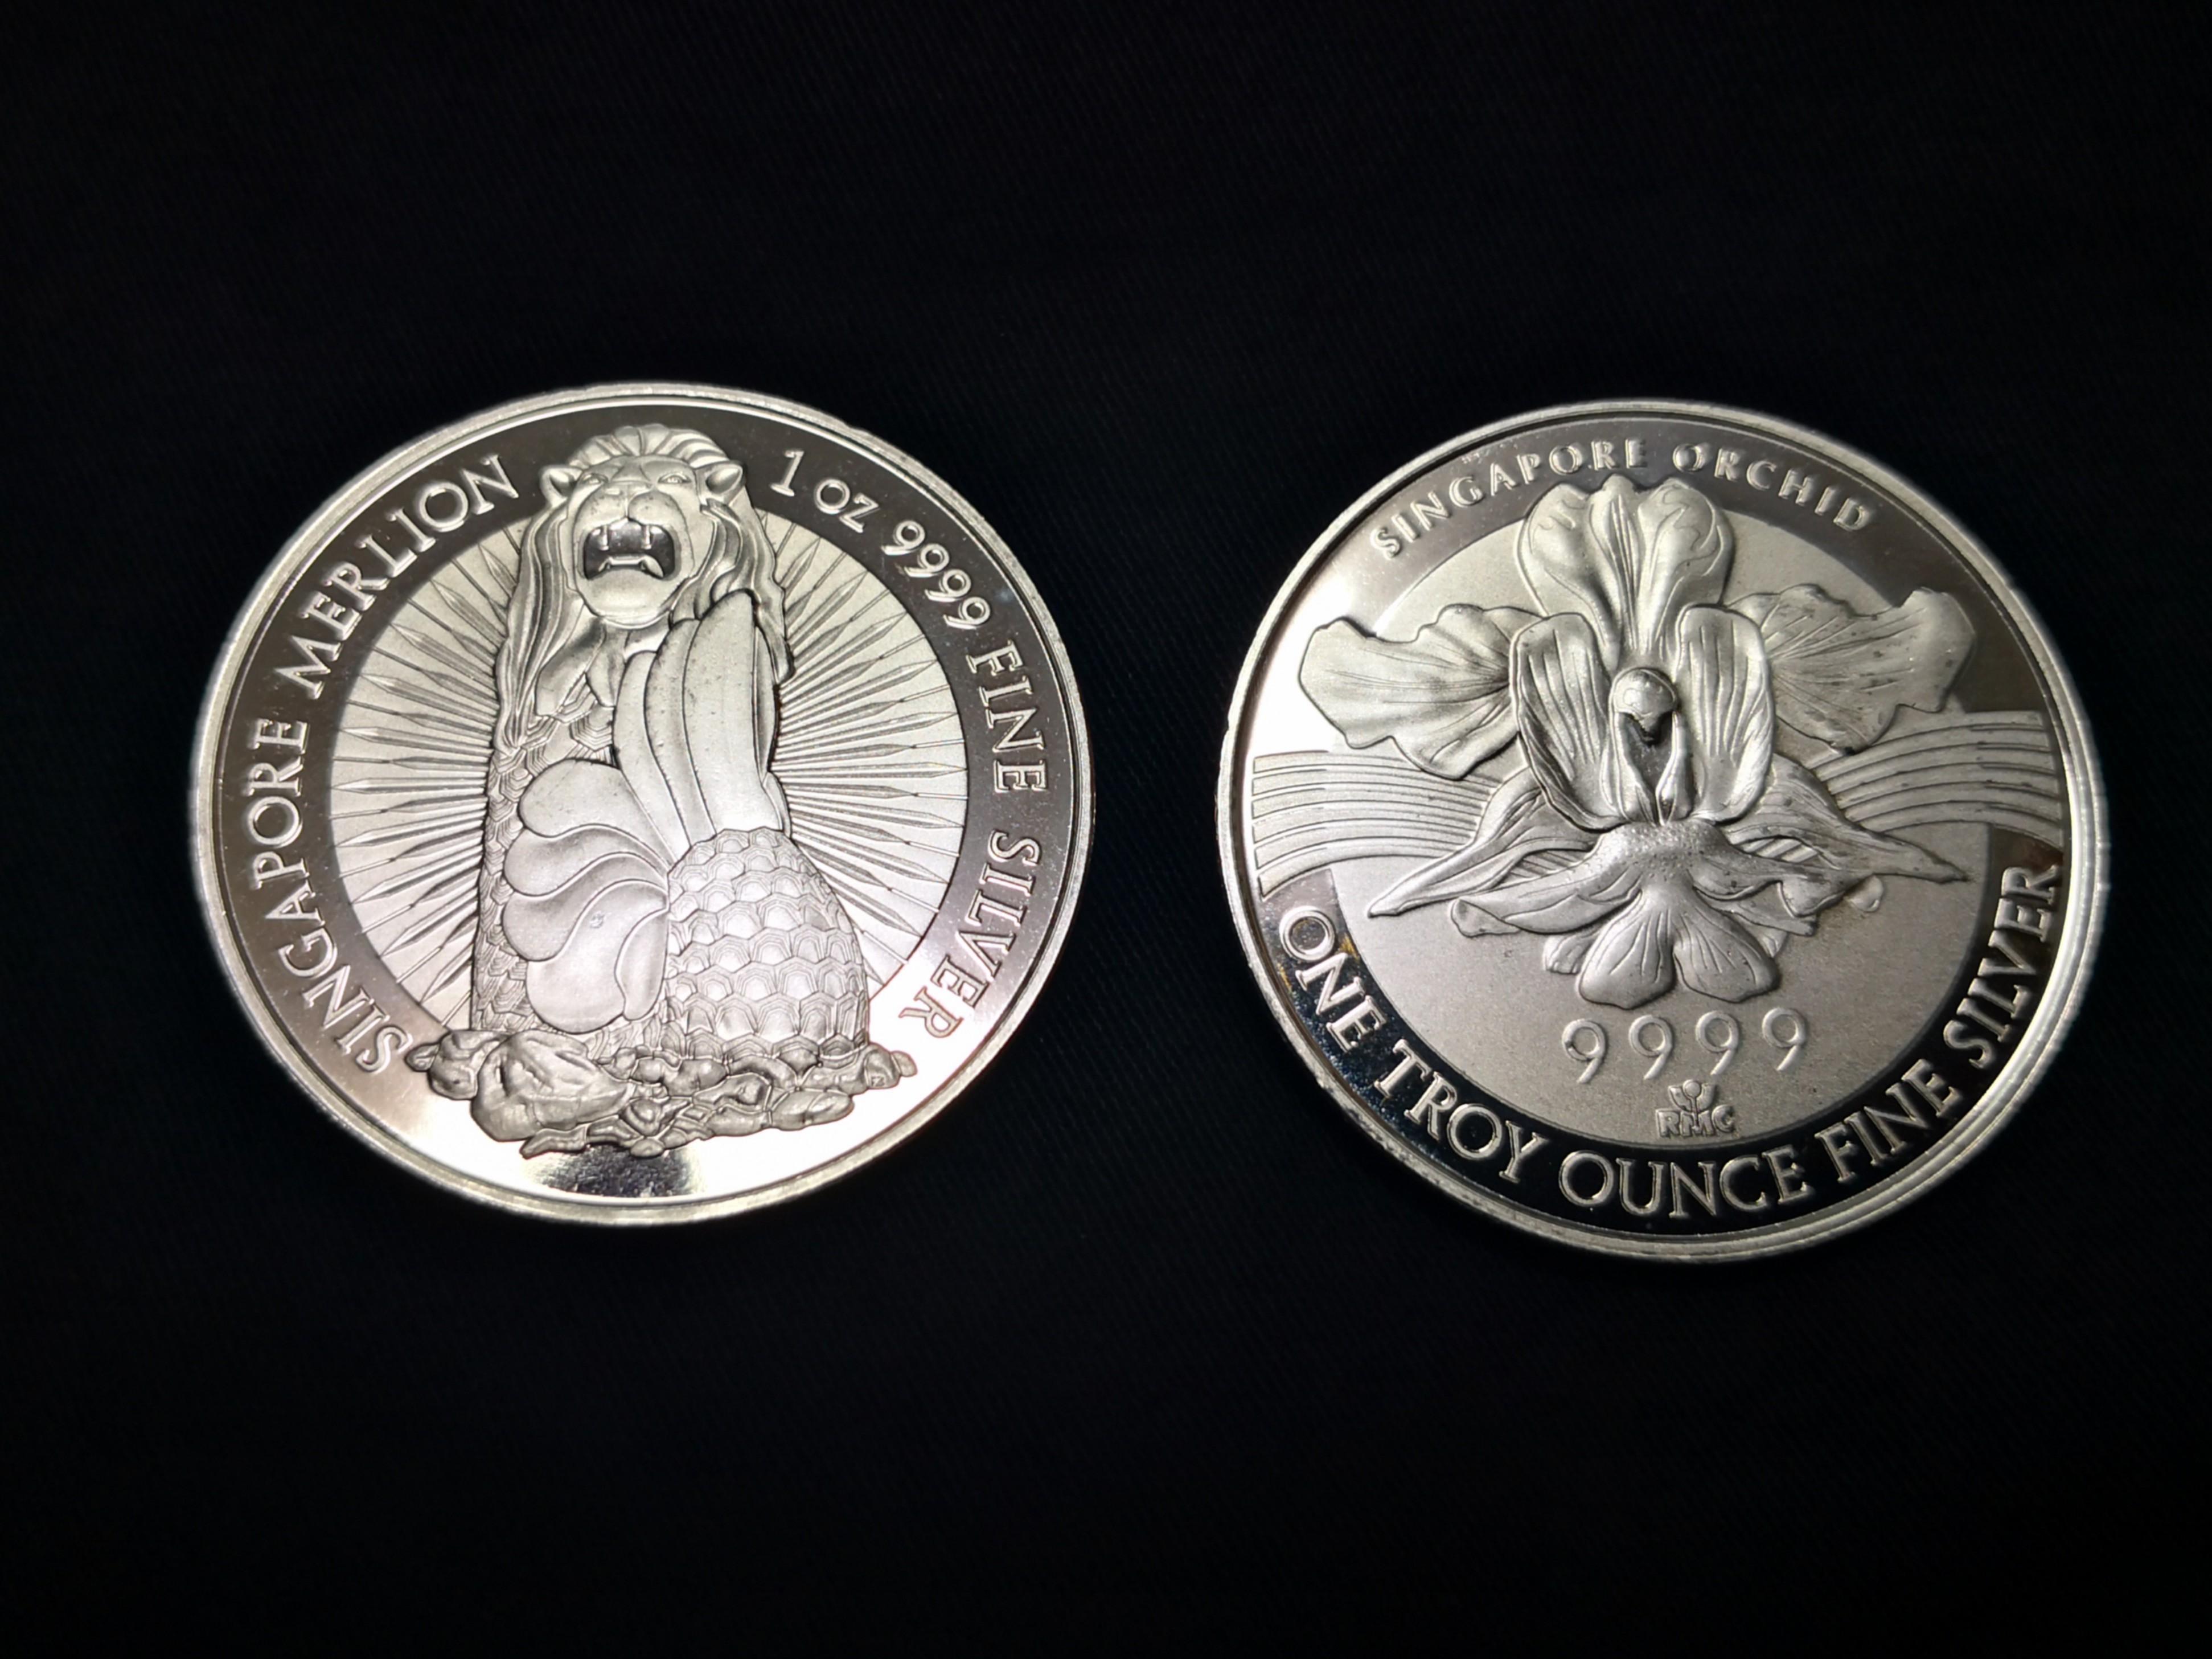 2003 1 oz Canadian Silver Maple Leaf .9999 Fine $5 Coin BU Sealed